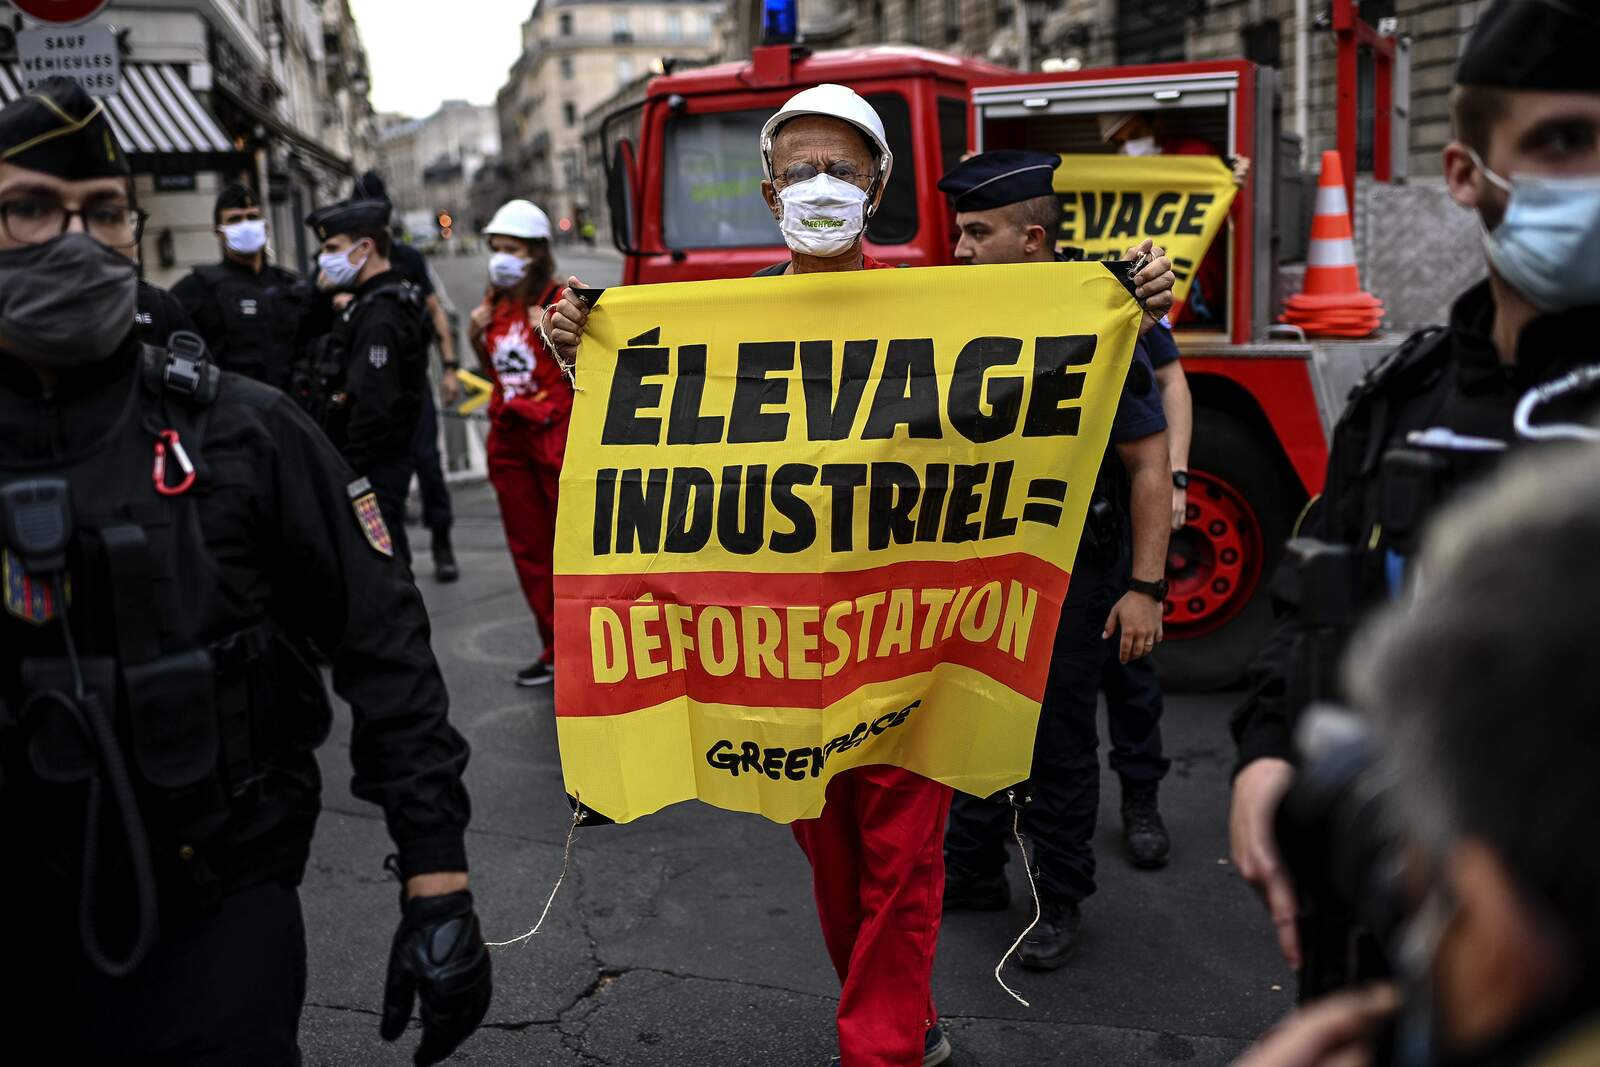 Activista climàtic protesta a França